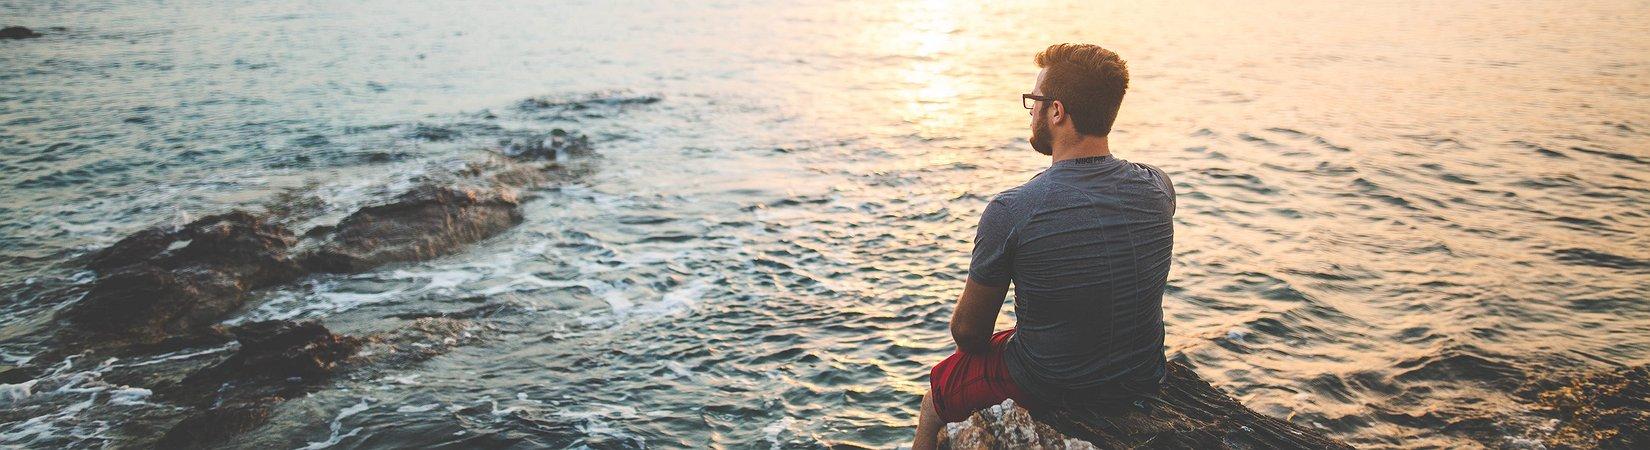 As 7 lições que deve aprender enquanto ainda é jovem